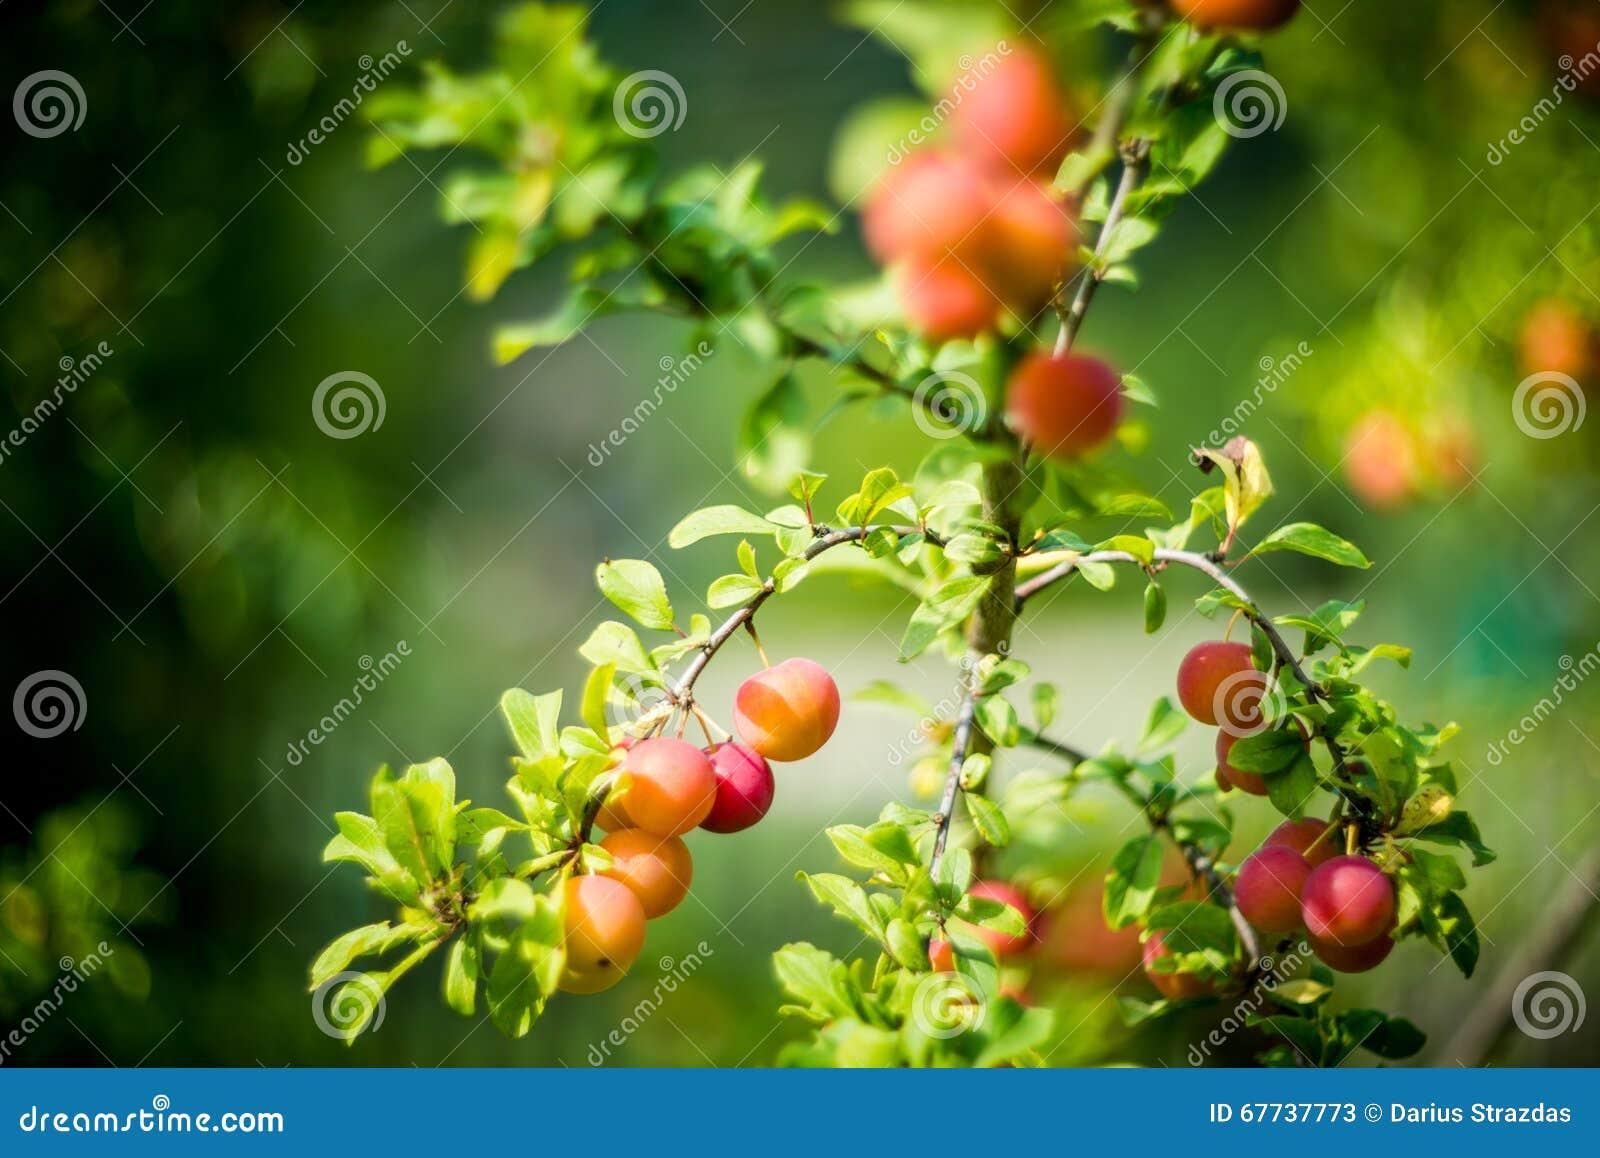 Κόκκινο πορτοκαλί δαμάσκηνο